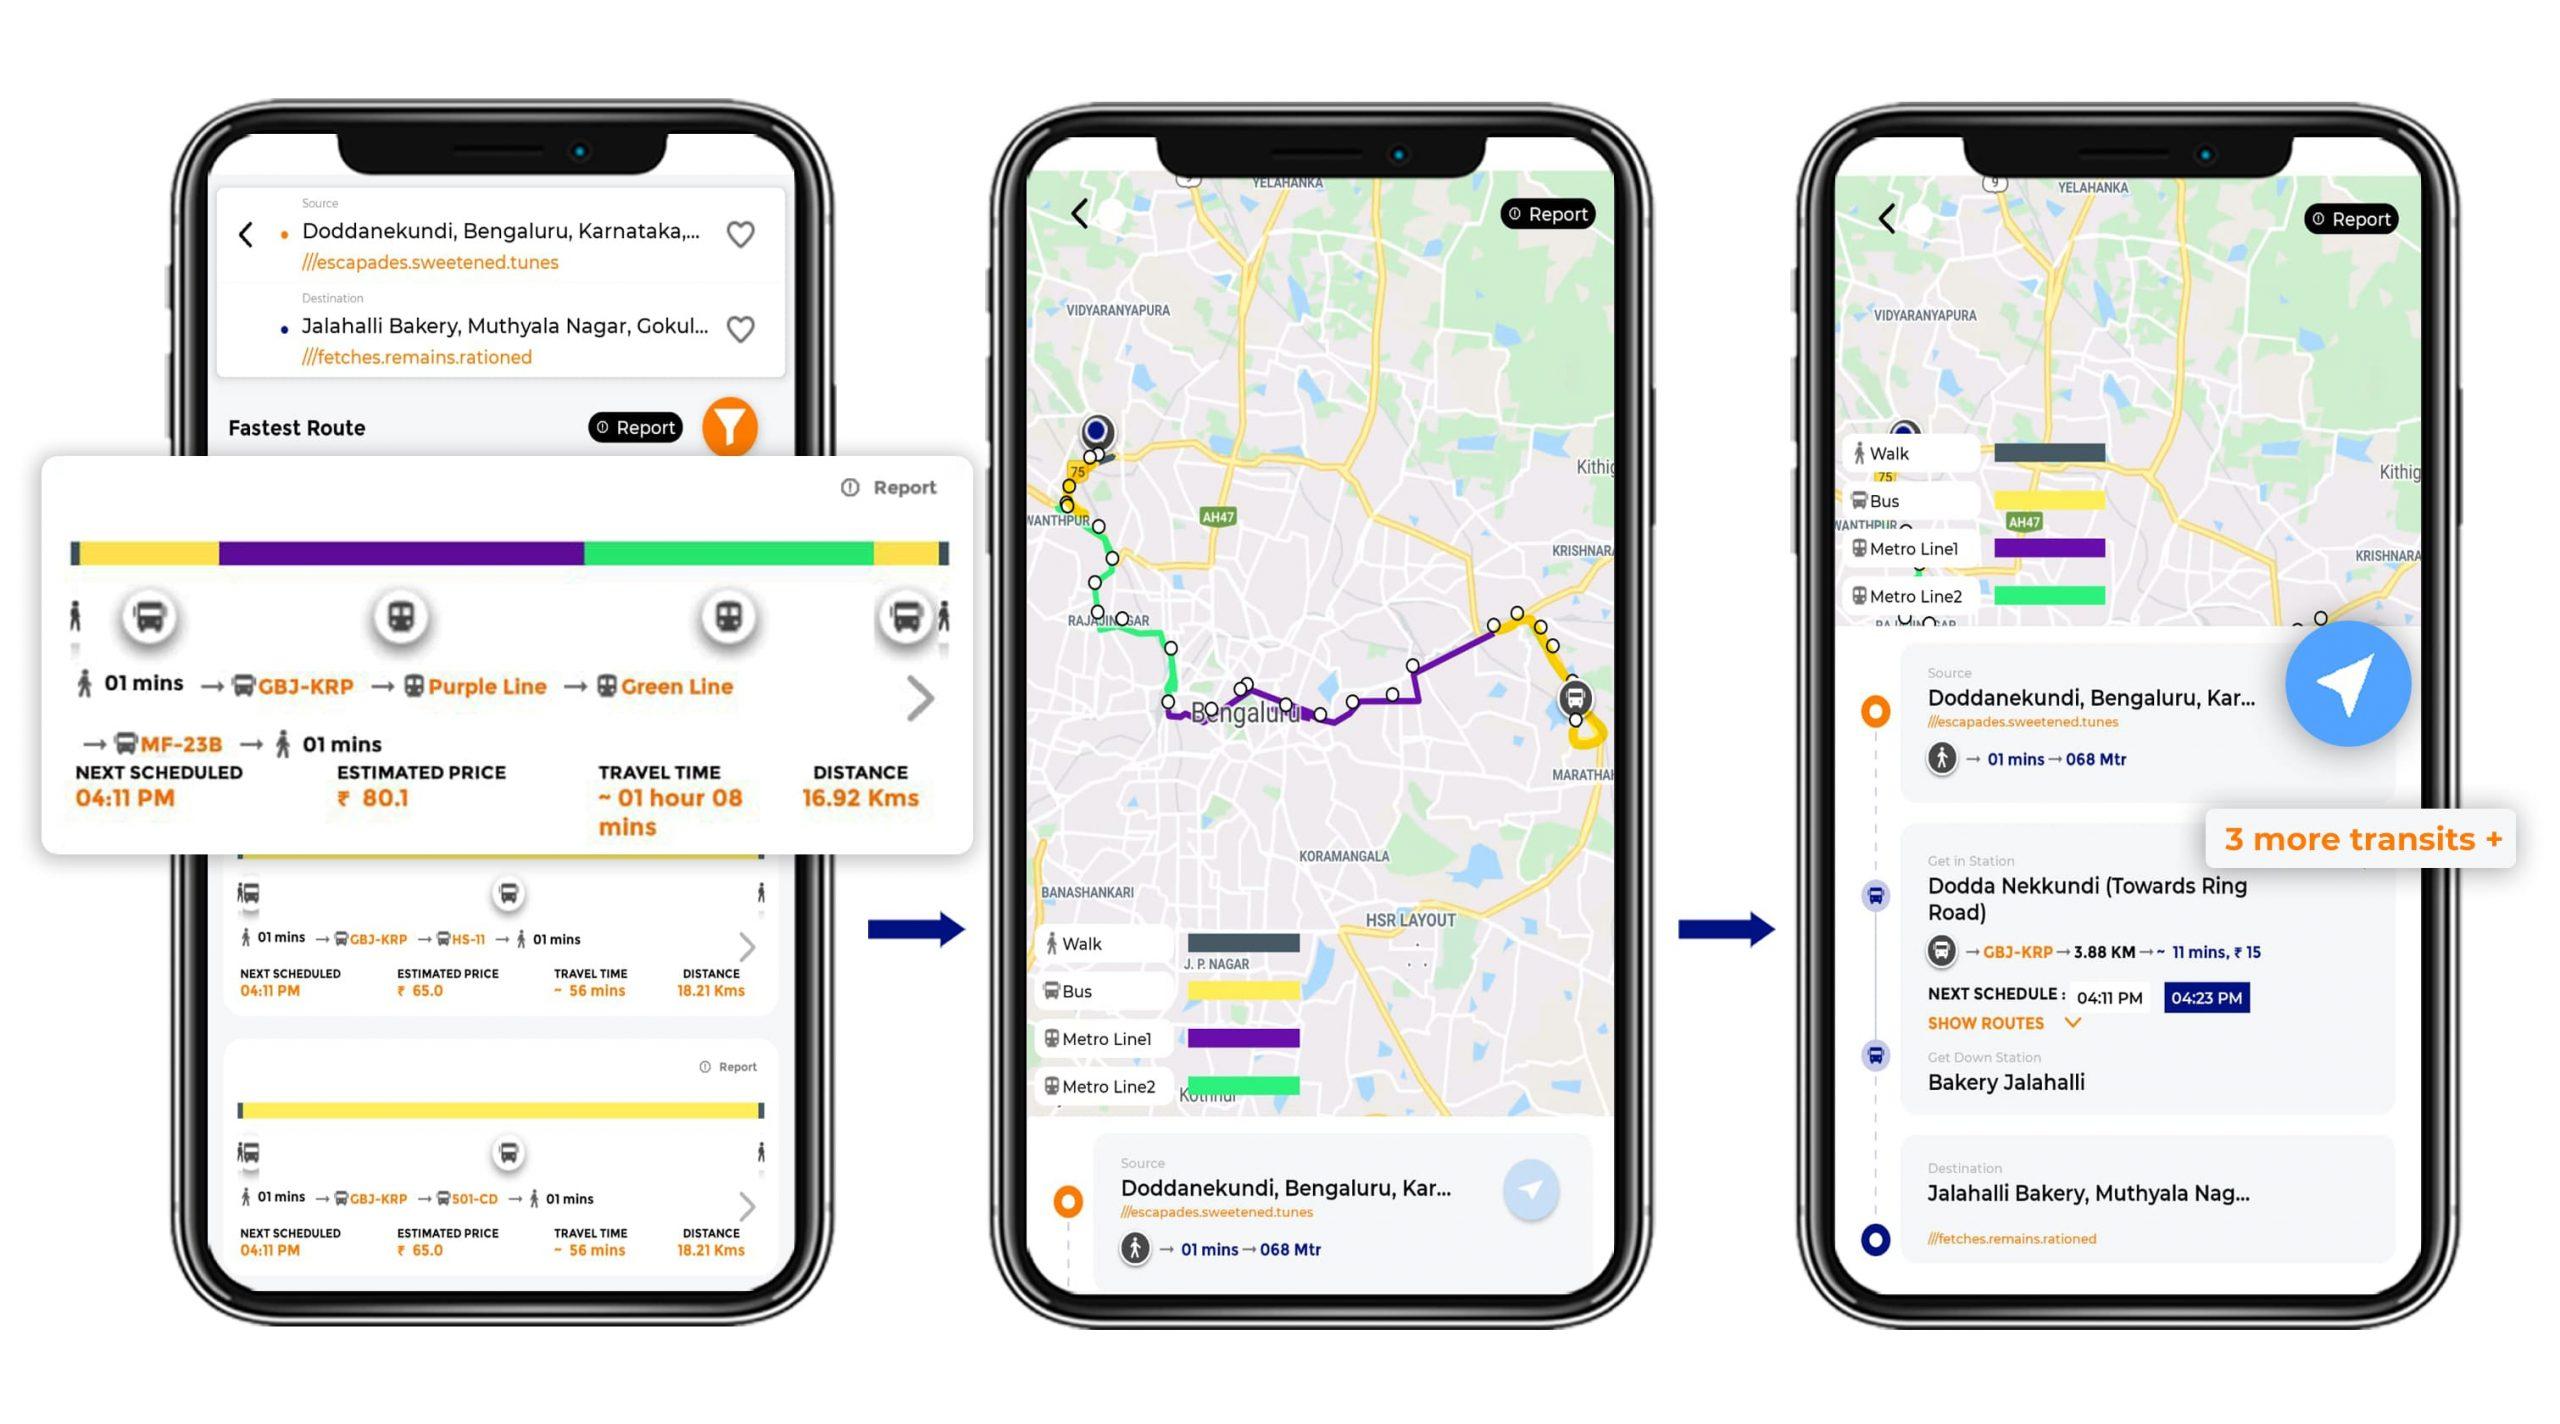 Tummoc, Tummoc app, Public Transportation, Doddanekundi, Jalahalli